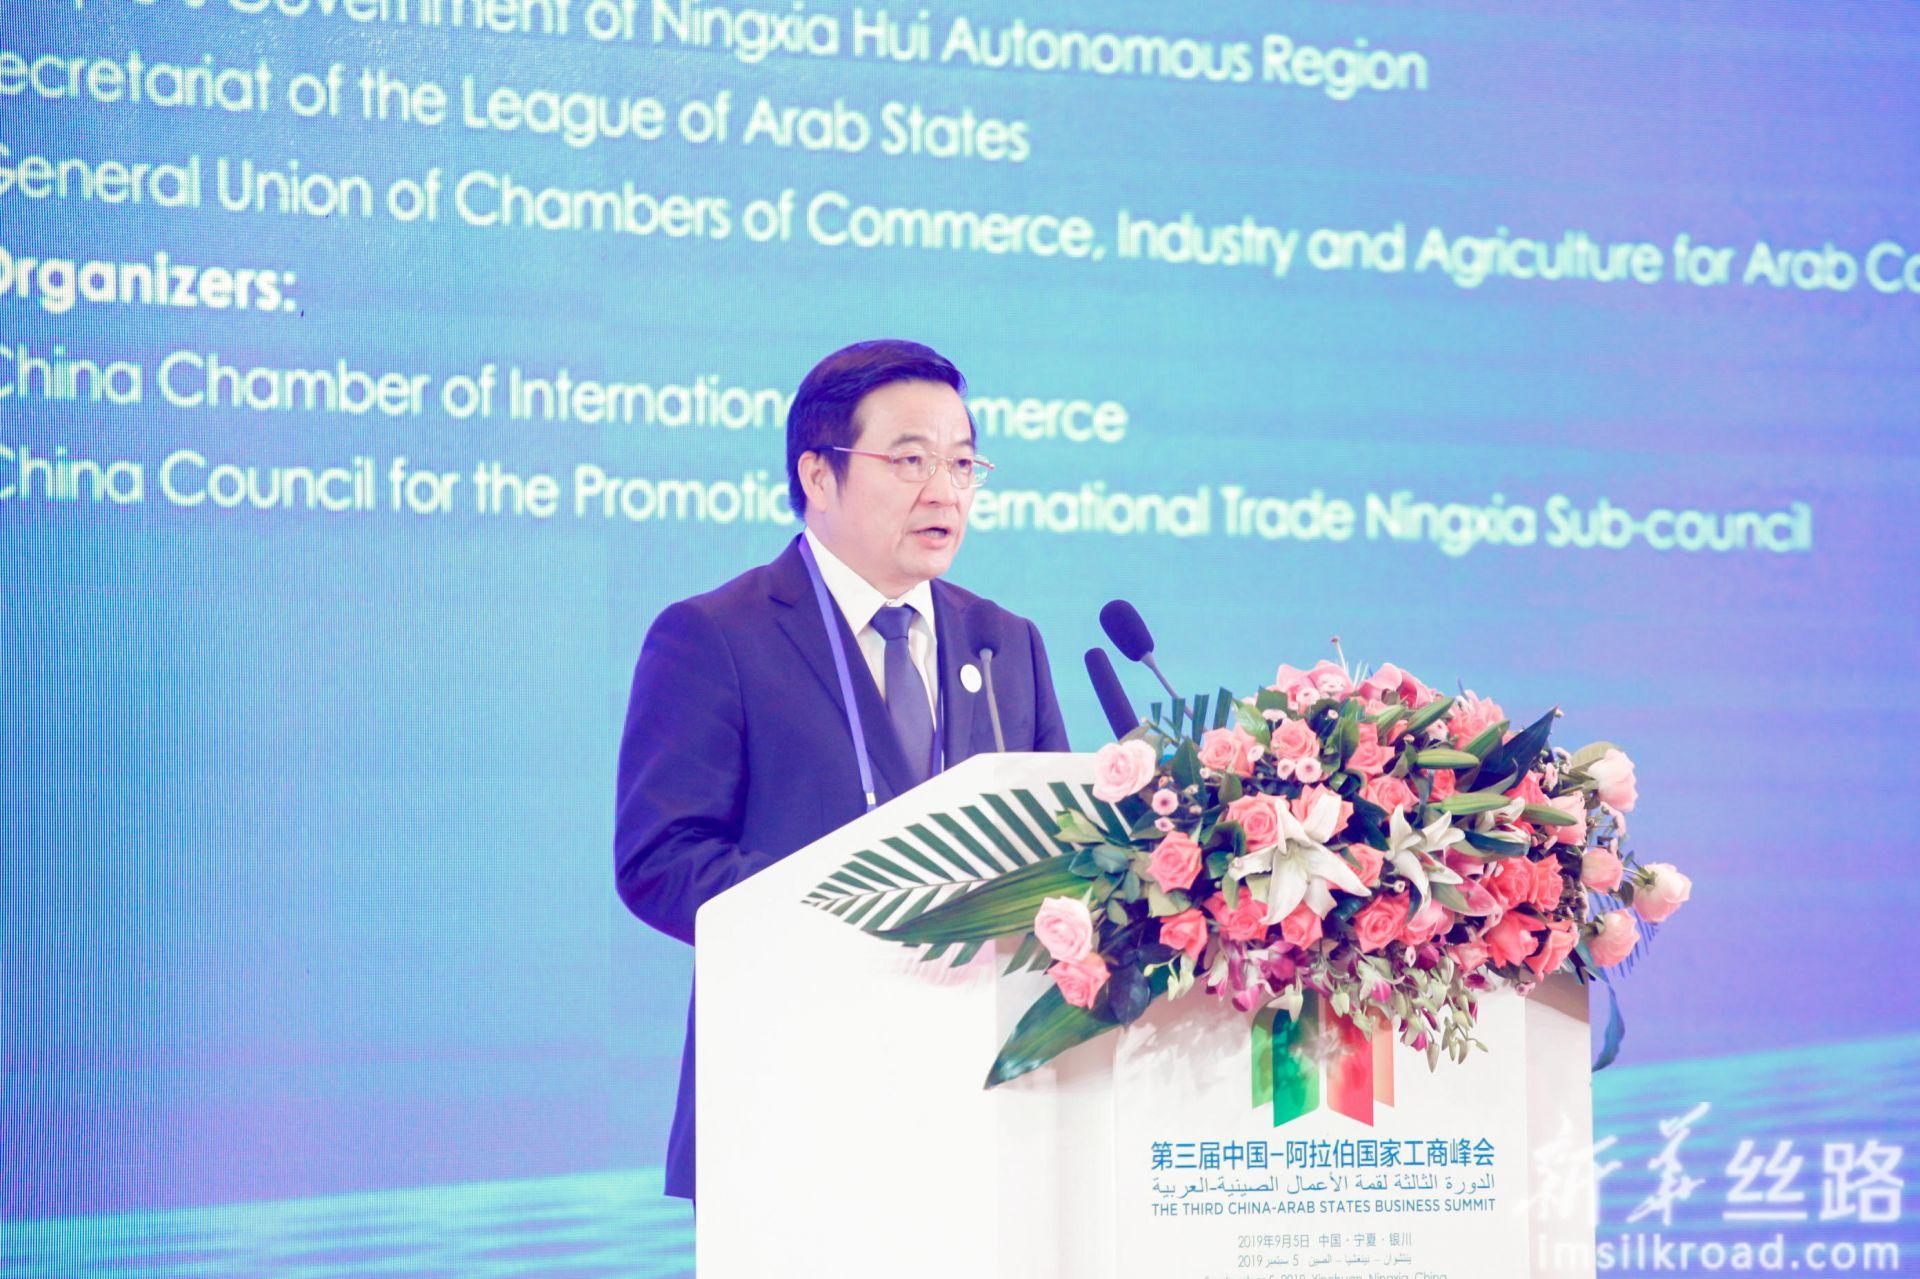 中国交通建设股份有限公司副总裁文岗先生致辞。